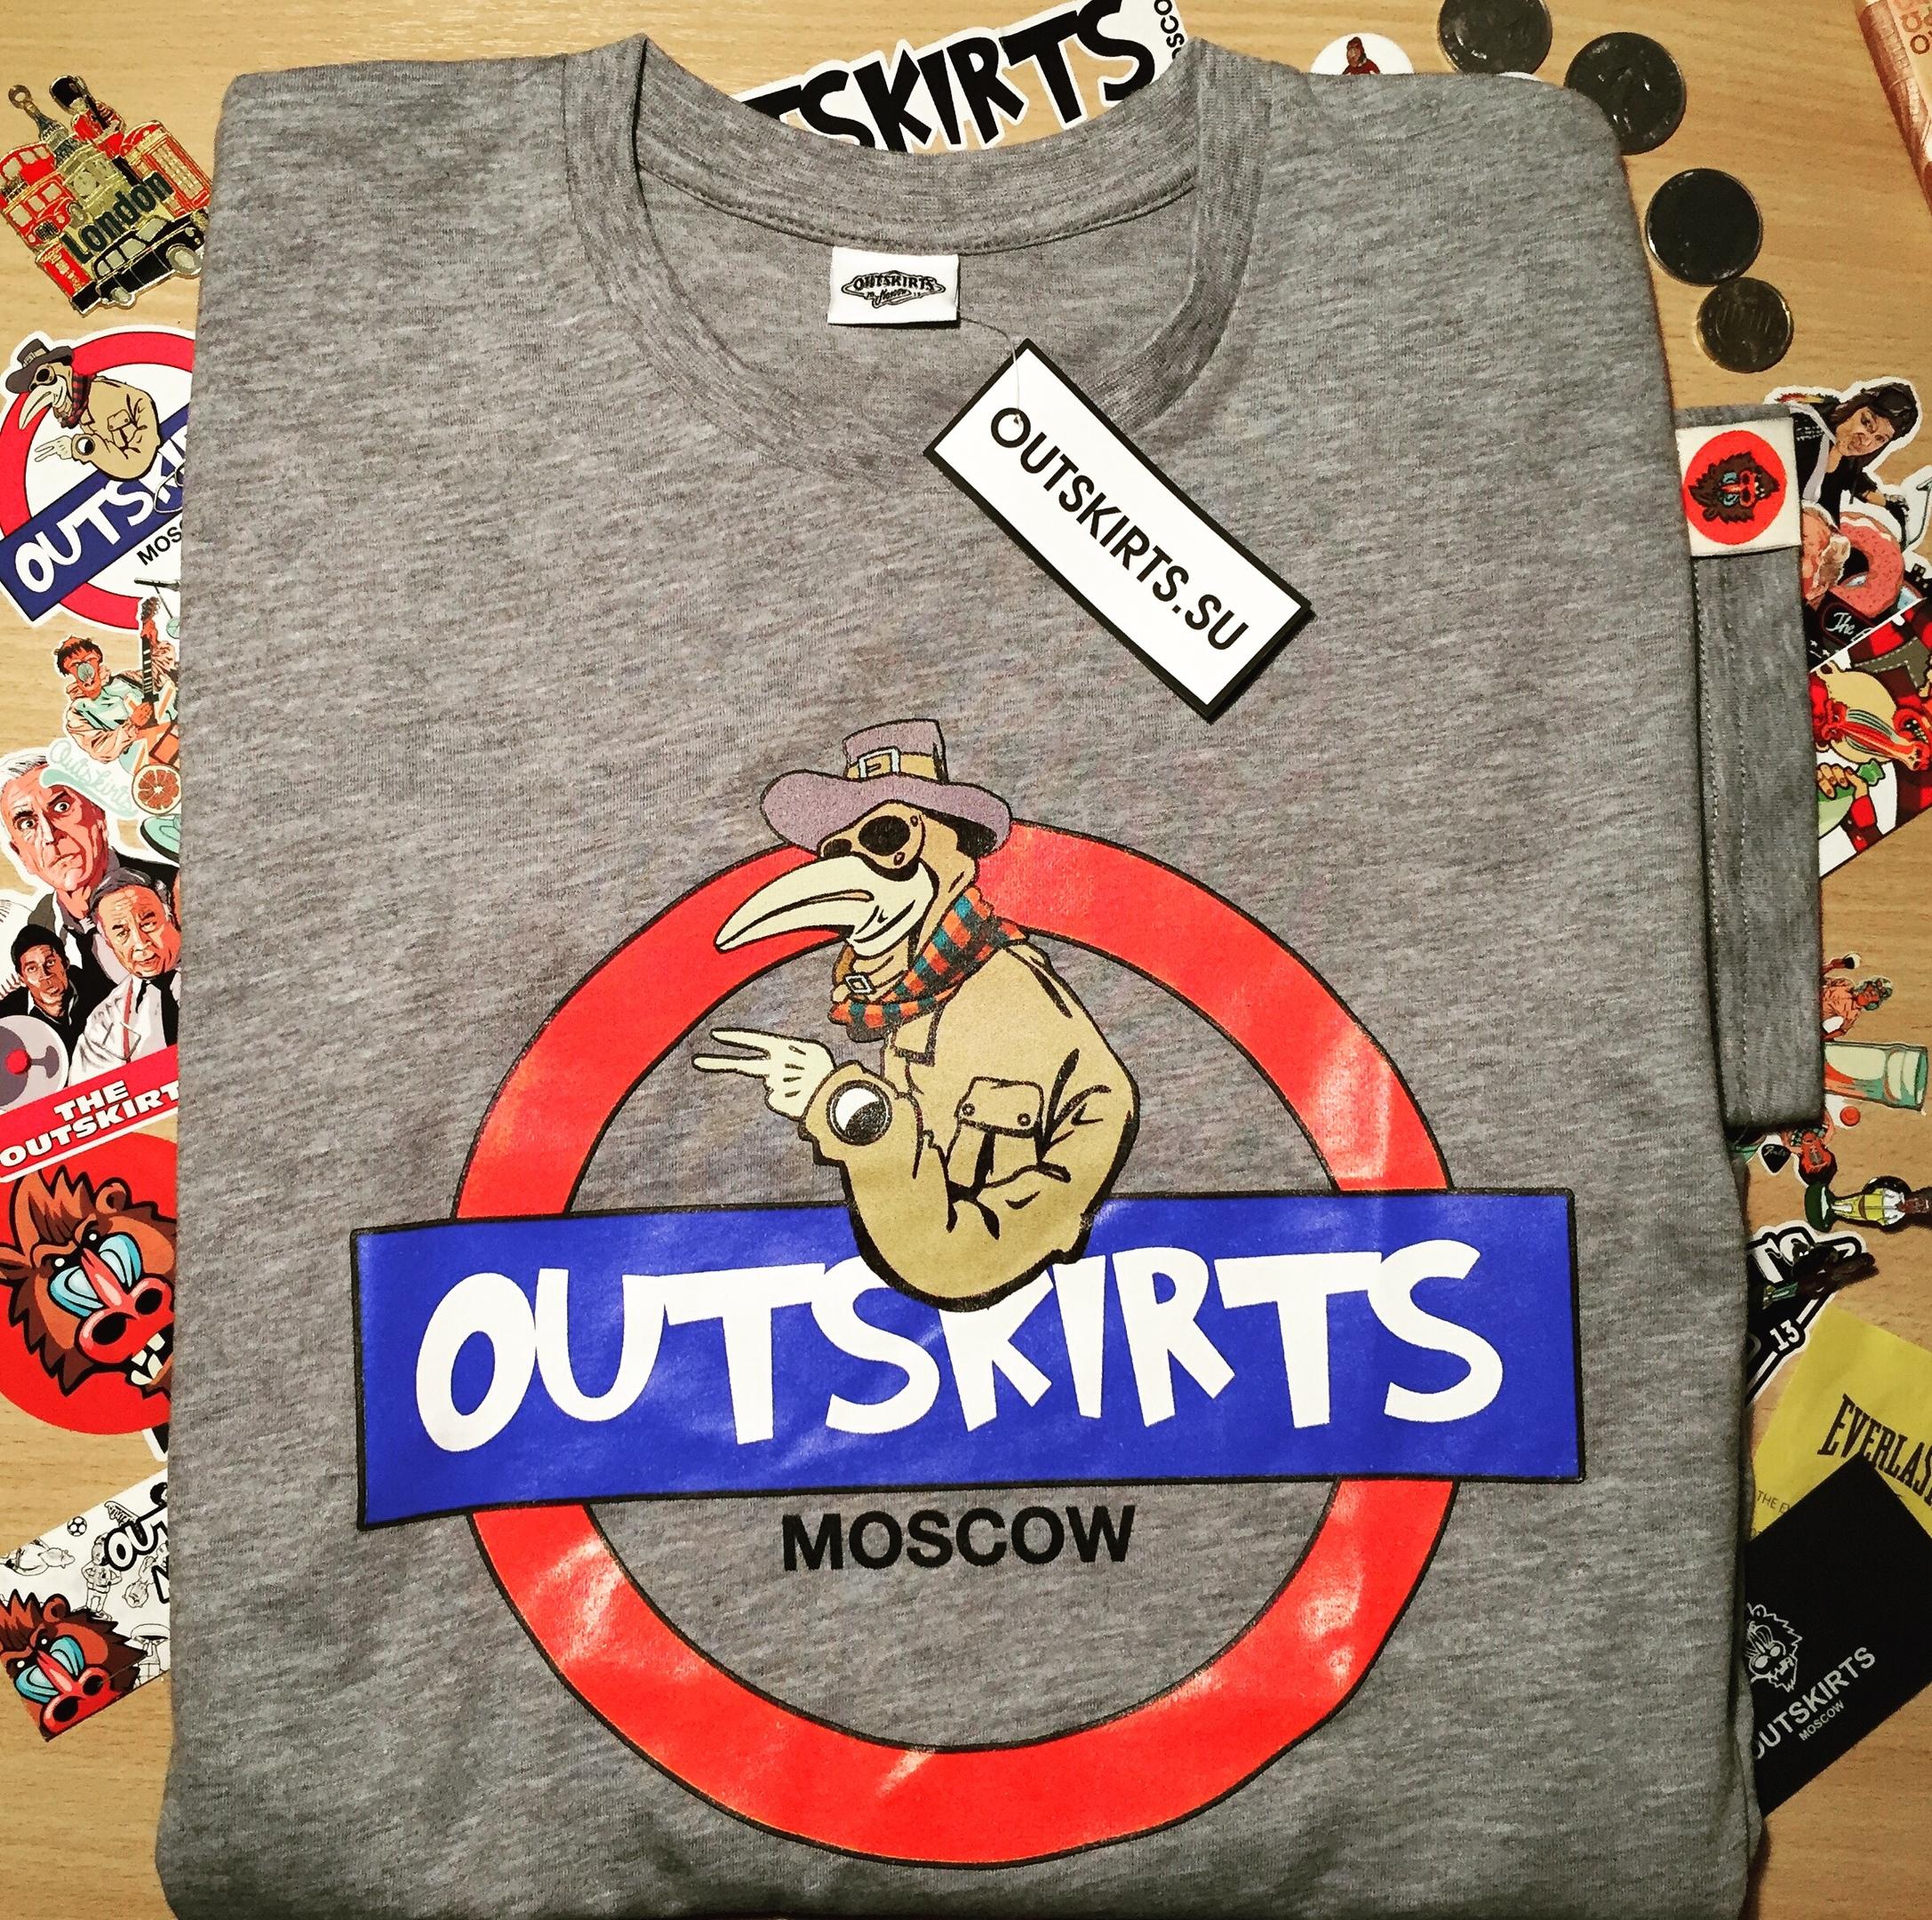 Российский бренд «Outskirts Moscow»